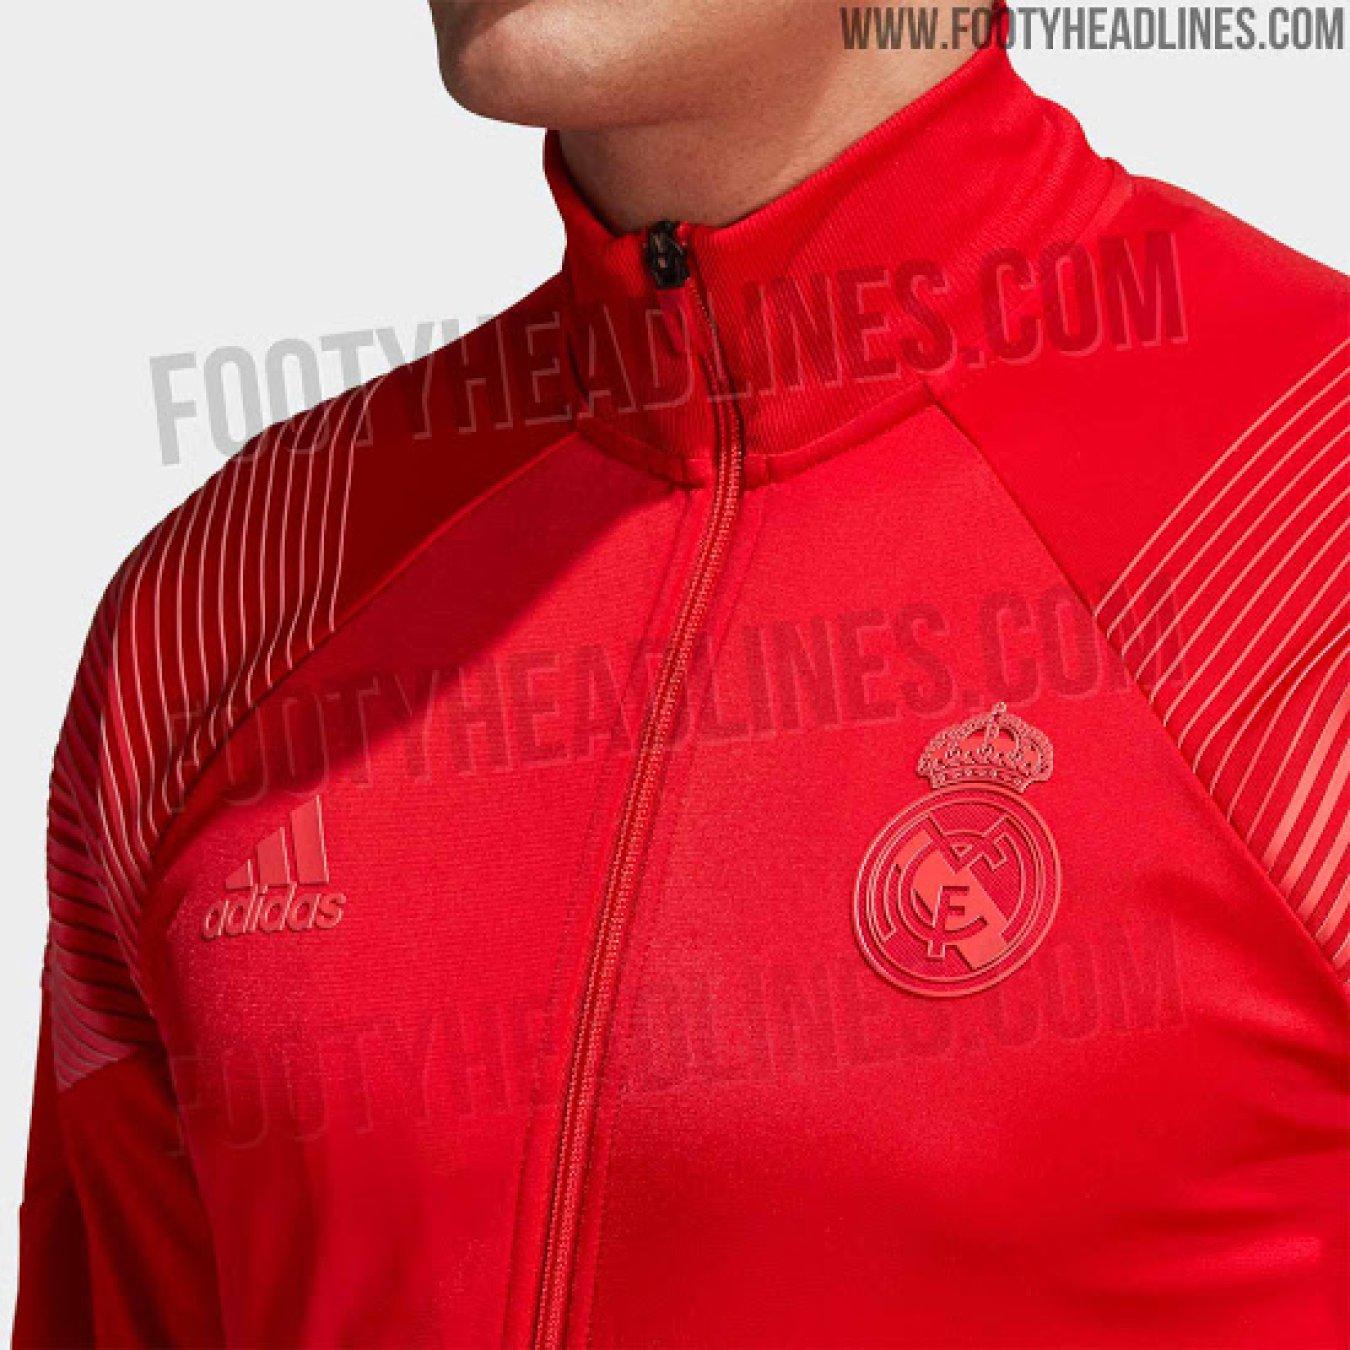 La sudadera Adidas Tango roja que lucirá el Real Madrid durante la temporada  2018-2019. c9a5b56d2bc10